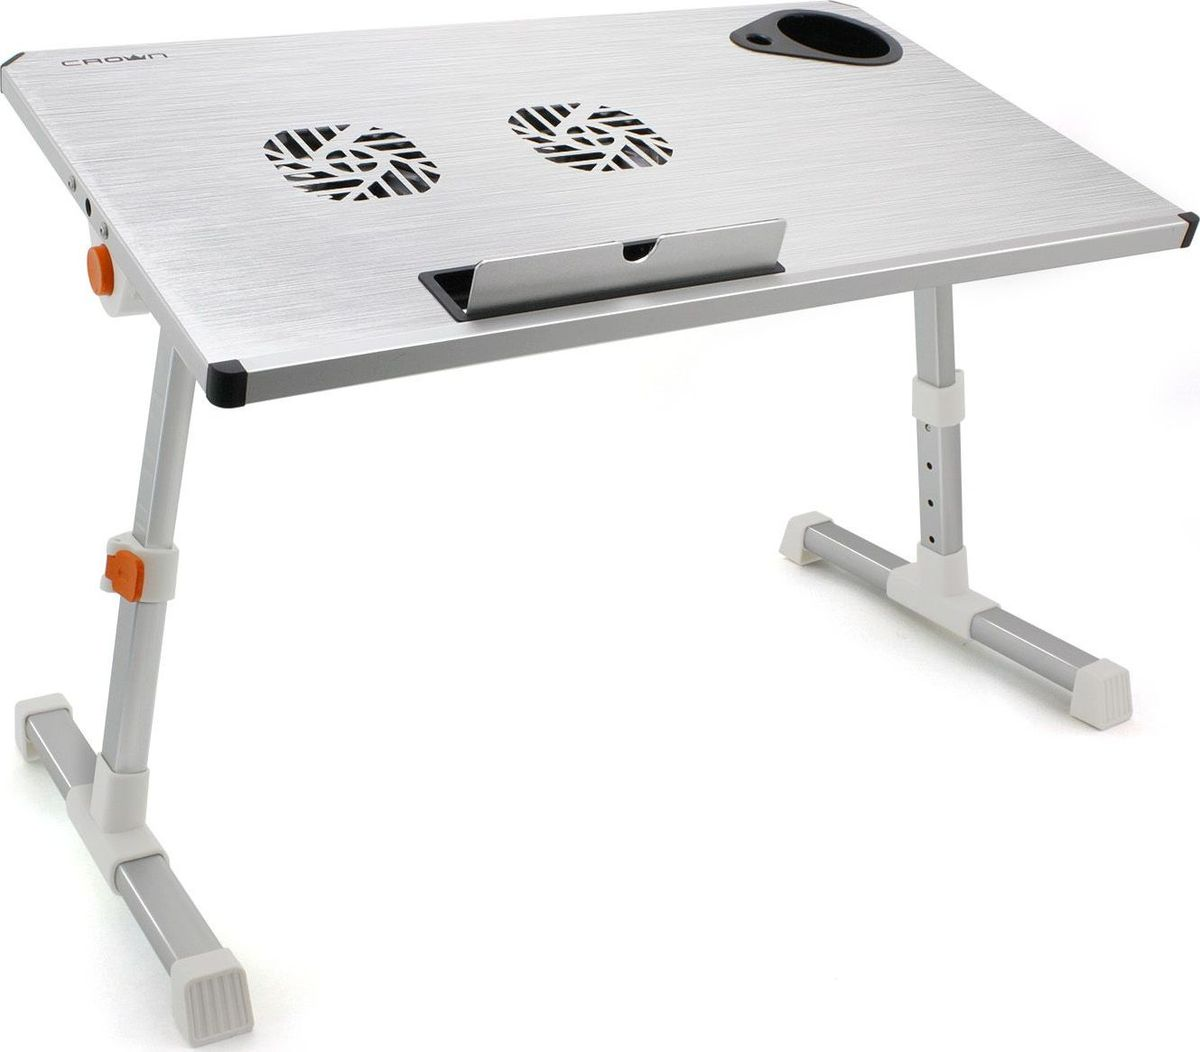 Crown CMLS-101, Silver столик для ноутбука 17CM000001326Особенности:Прочный и стильный дизайн;Удобство использования: свободная регулировка высоты и угла наклона;Легко складывается в компактную конструкцию для хранения или транспортировки;Многофункциональность: стол для ноутбука, журнальный стол и т.д.